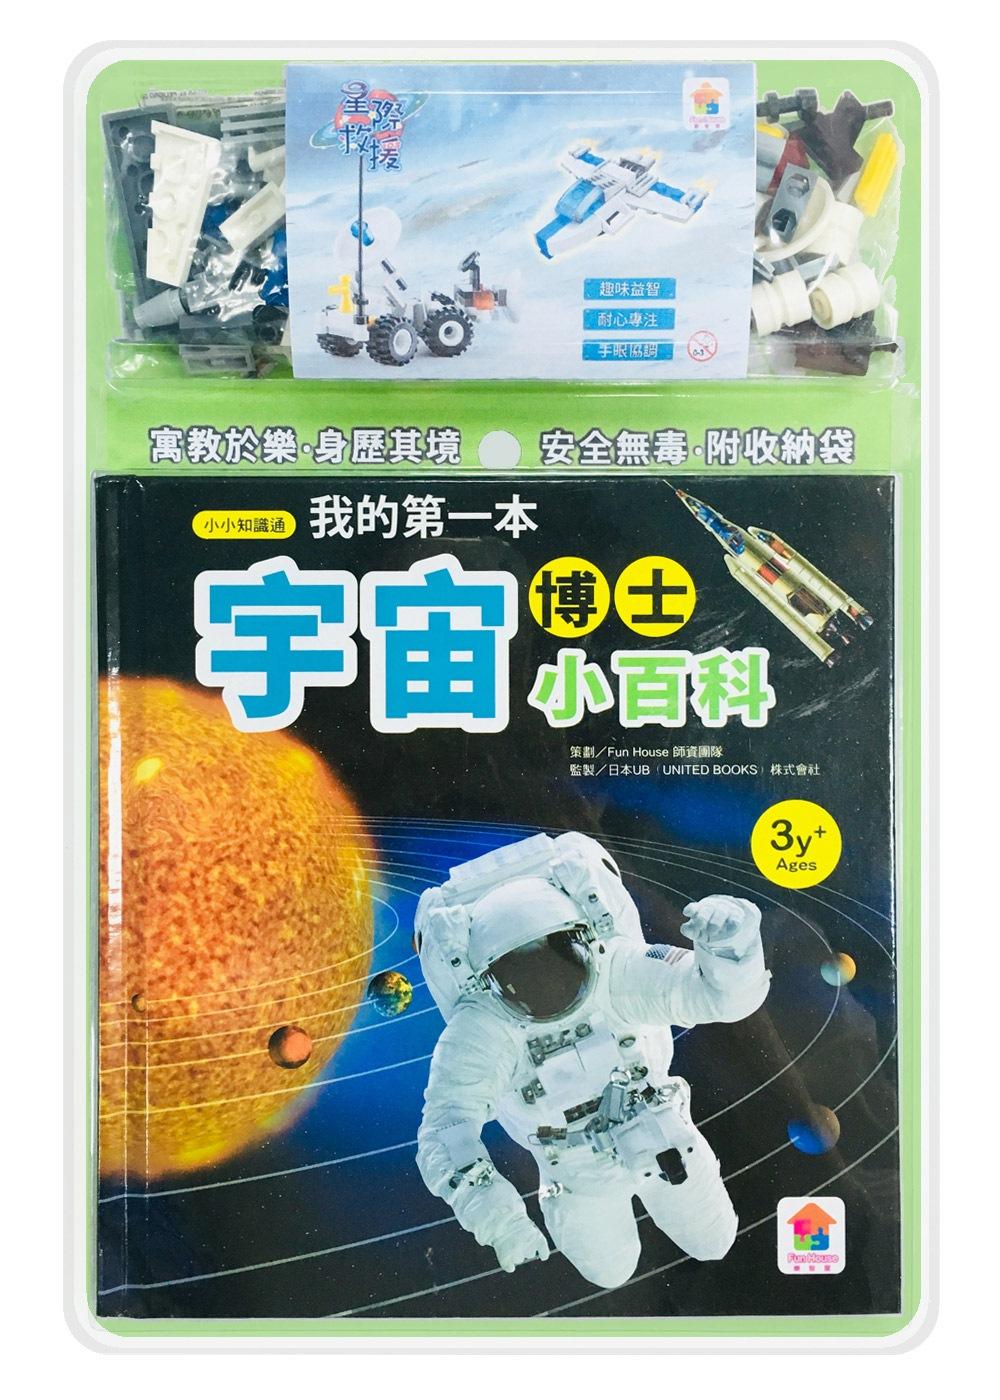 我的第一本宇宙博士小百科NEW(模型學習組)(內附1本小百科+2款積木學習模型+1個貼心收納袋)